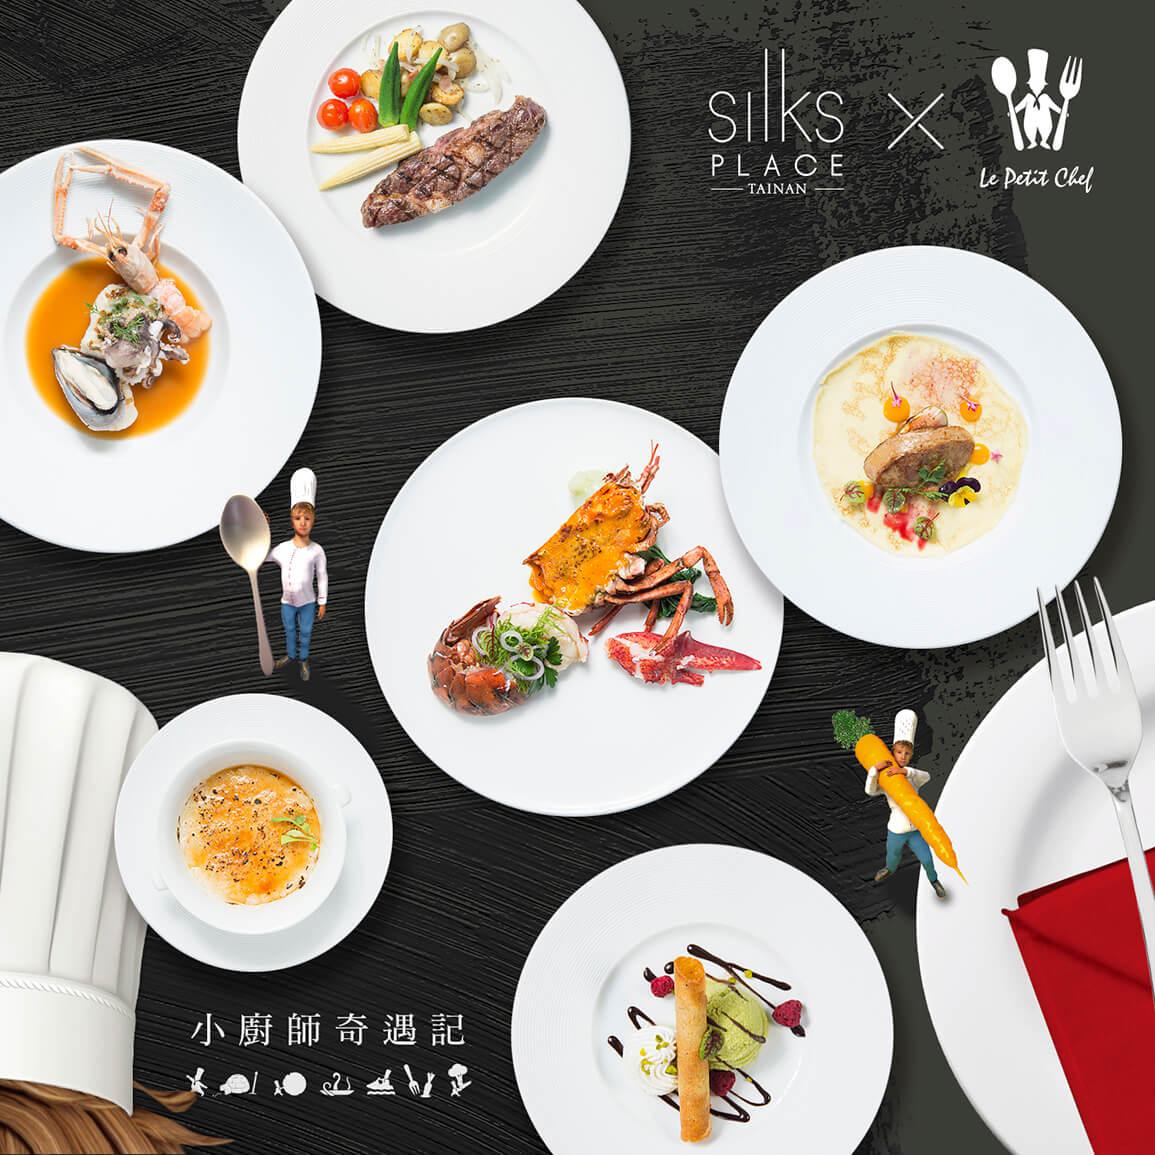 「世界上最小的廚師— Le Petit Chef」新奇餐桌體驗。(圖/台南晶英酒店提供)